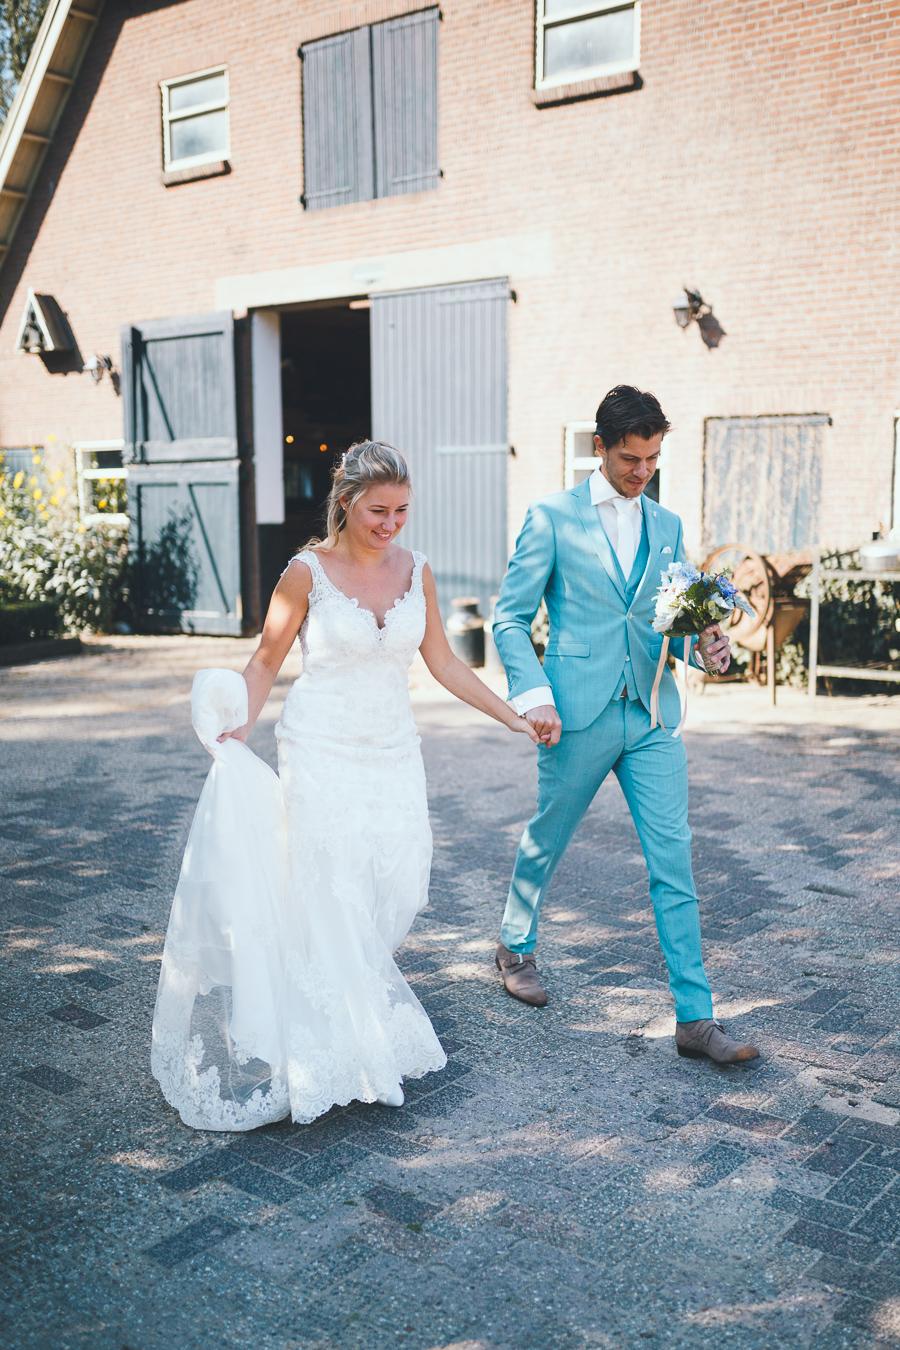 Bruid en bruidegom wandelen hand in hand over het erf tijdens bruiloft thuis op erf van oude boerderij trouwfotograaf Apeldoorn